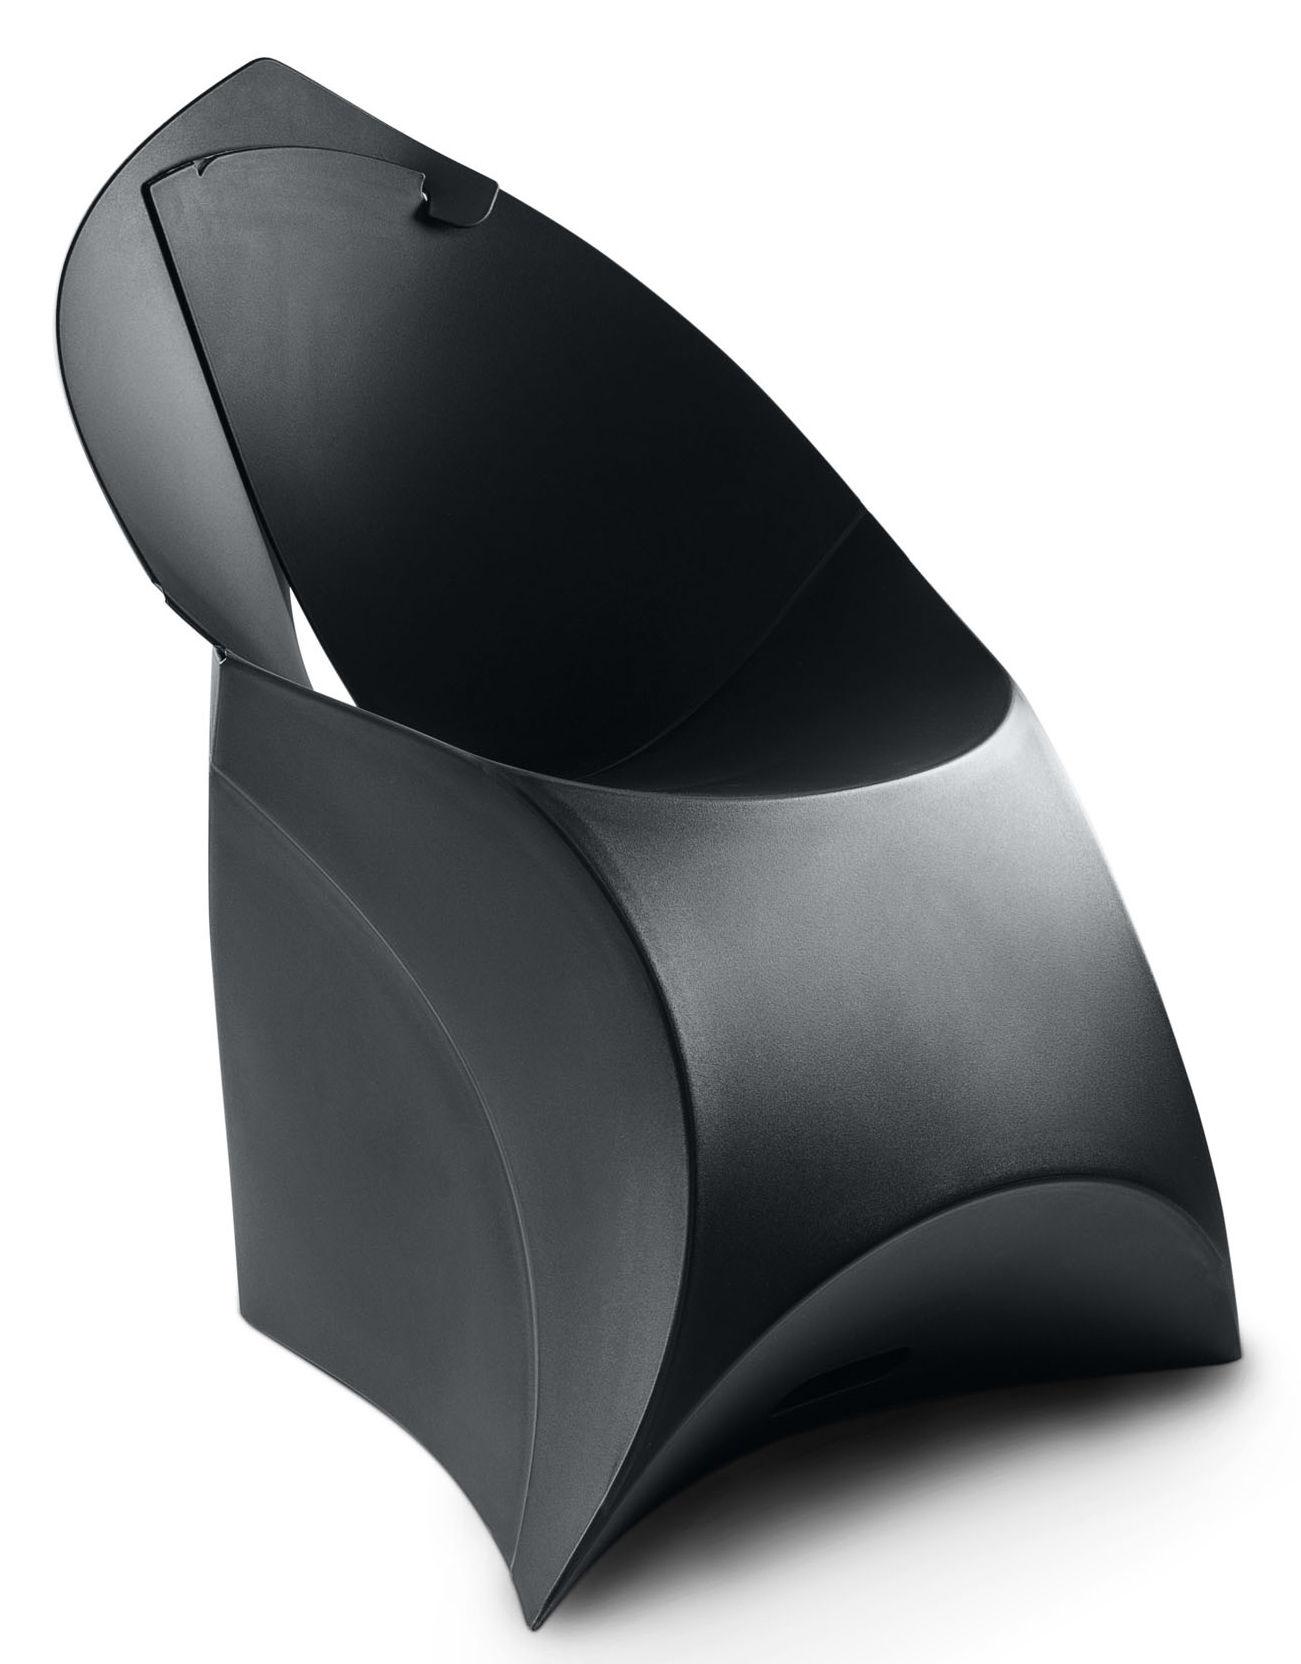 Arredamento - Sedie  - Poltrona pieghevole Flux Chair di Flux - Nero - Polipropilene